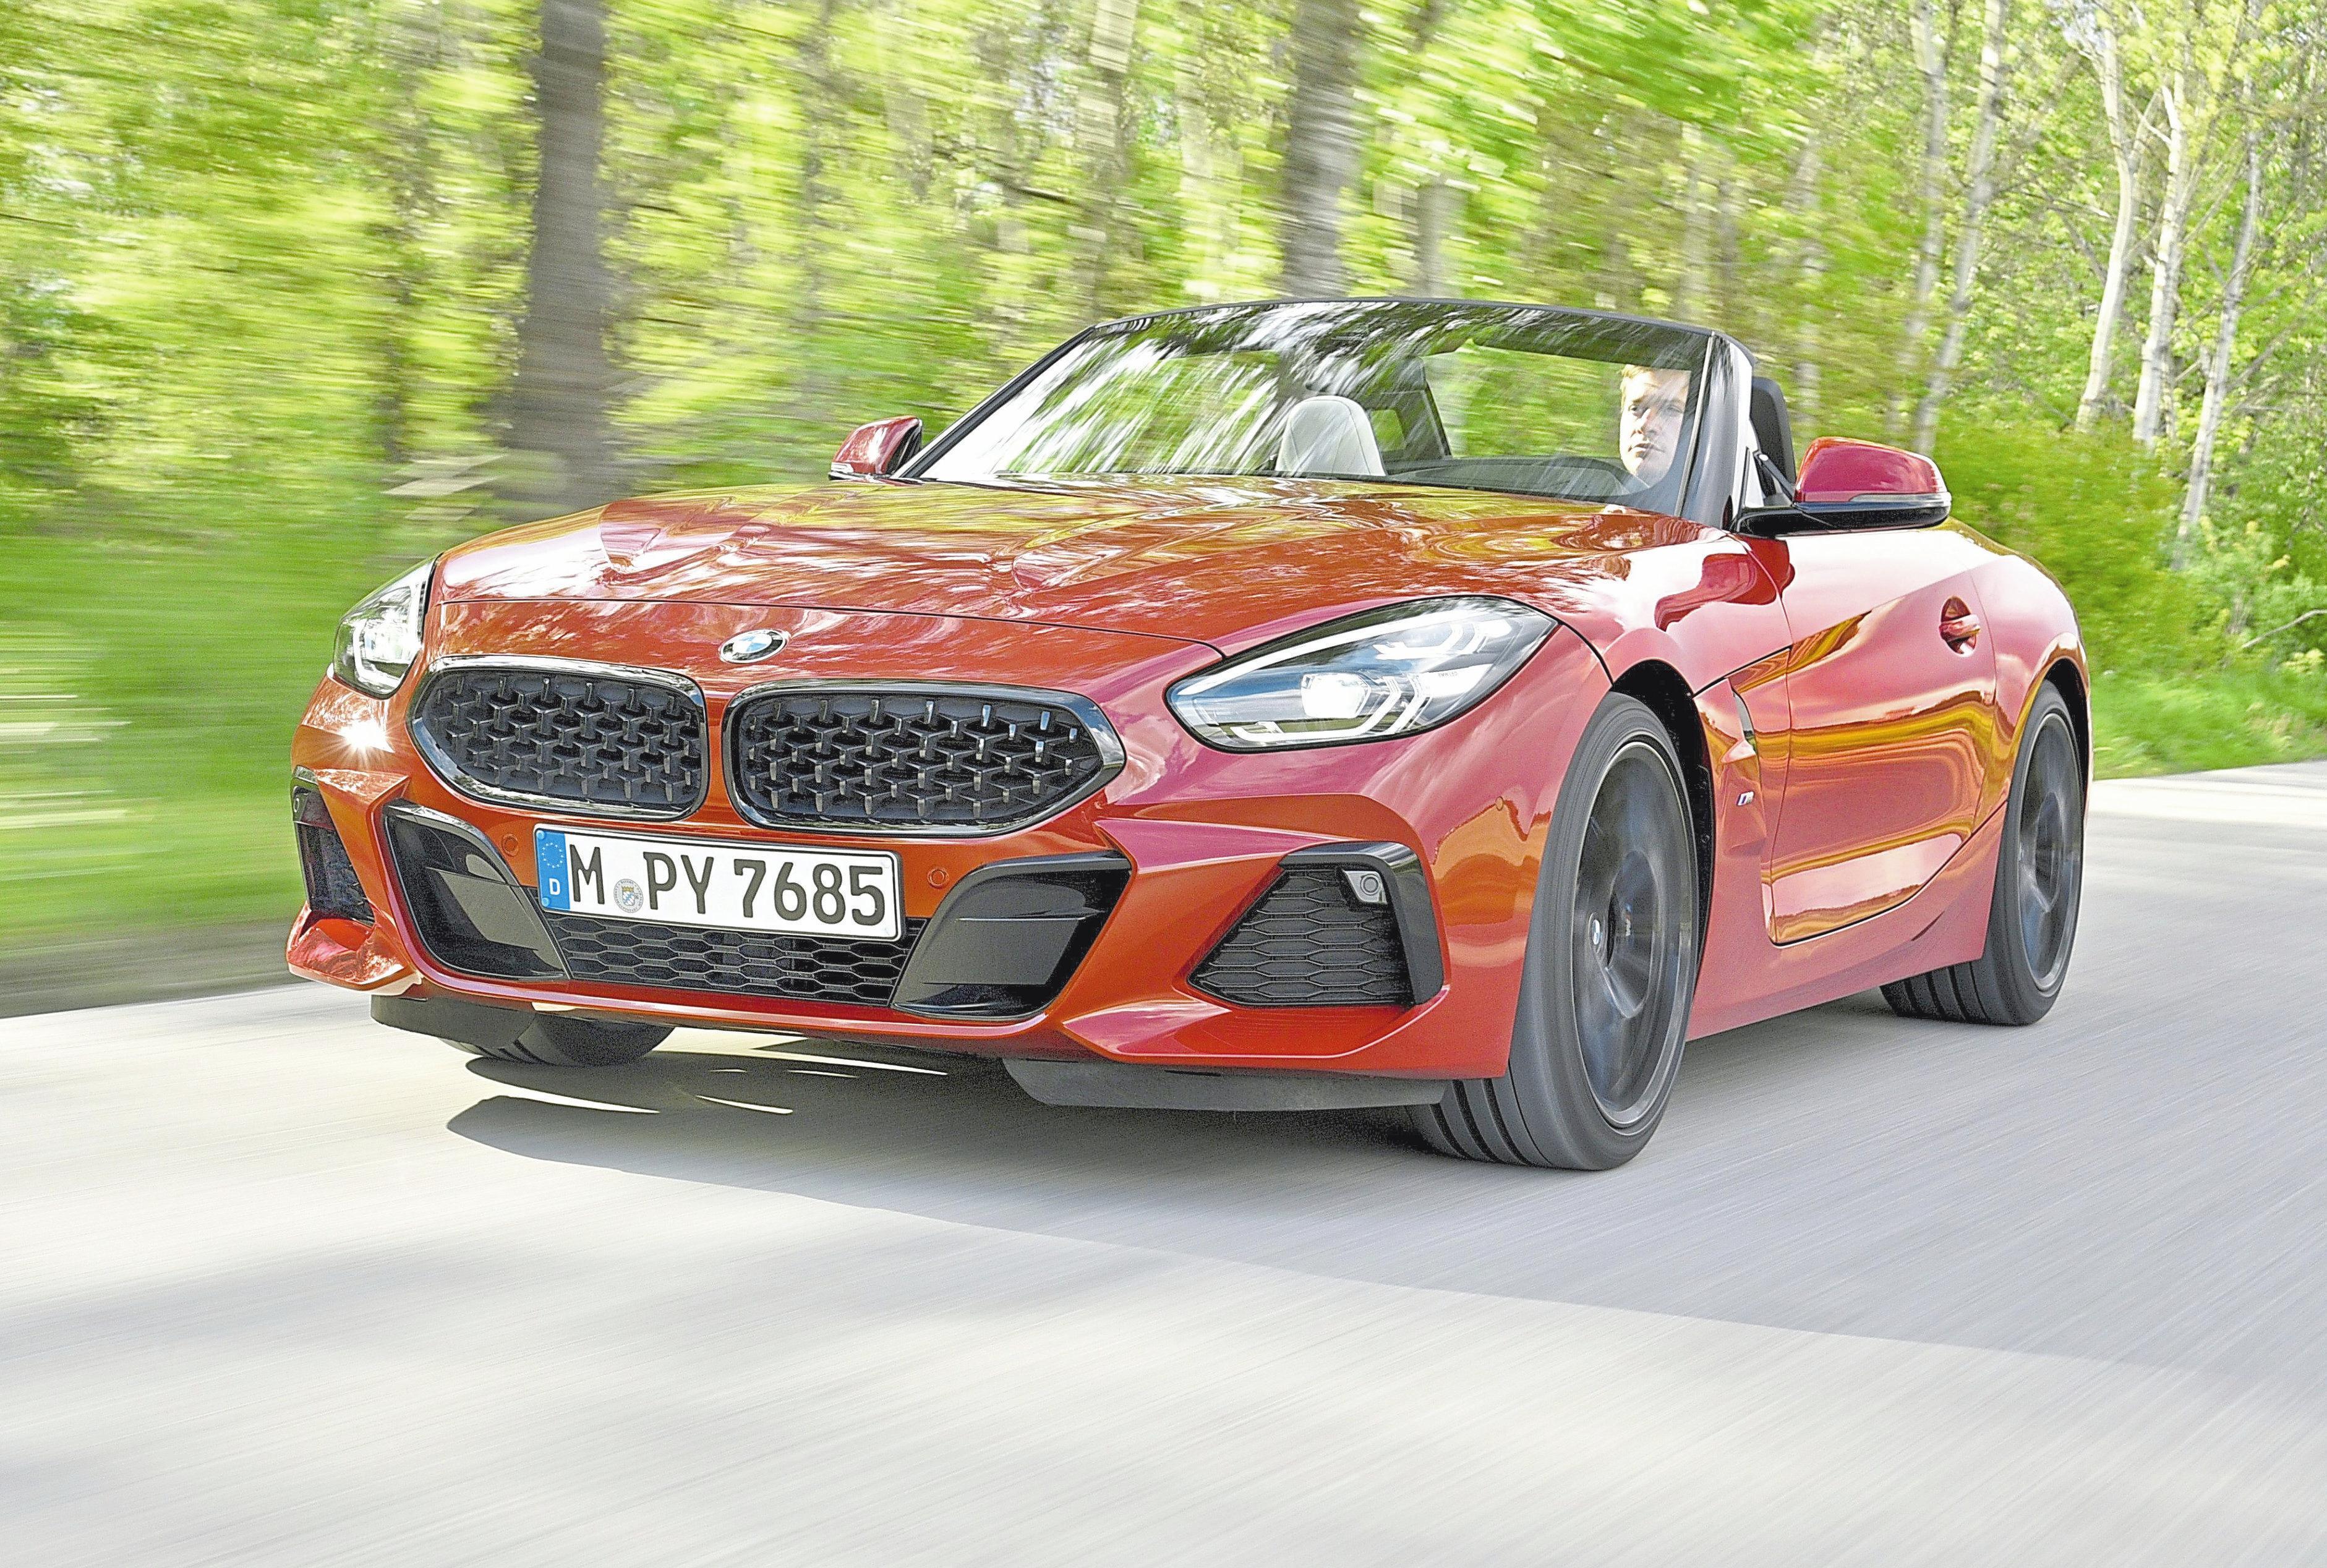 Spätestens wenn sich das Verdeck öffnet, kennt die Fahrfreude im neuen BMW Z4 keine Grenzen mehr. Das Autohaus Cyran zeigt das schmucke Cabrio auf der Automeile. Foto: BMW